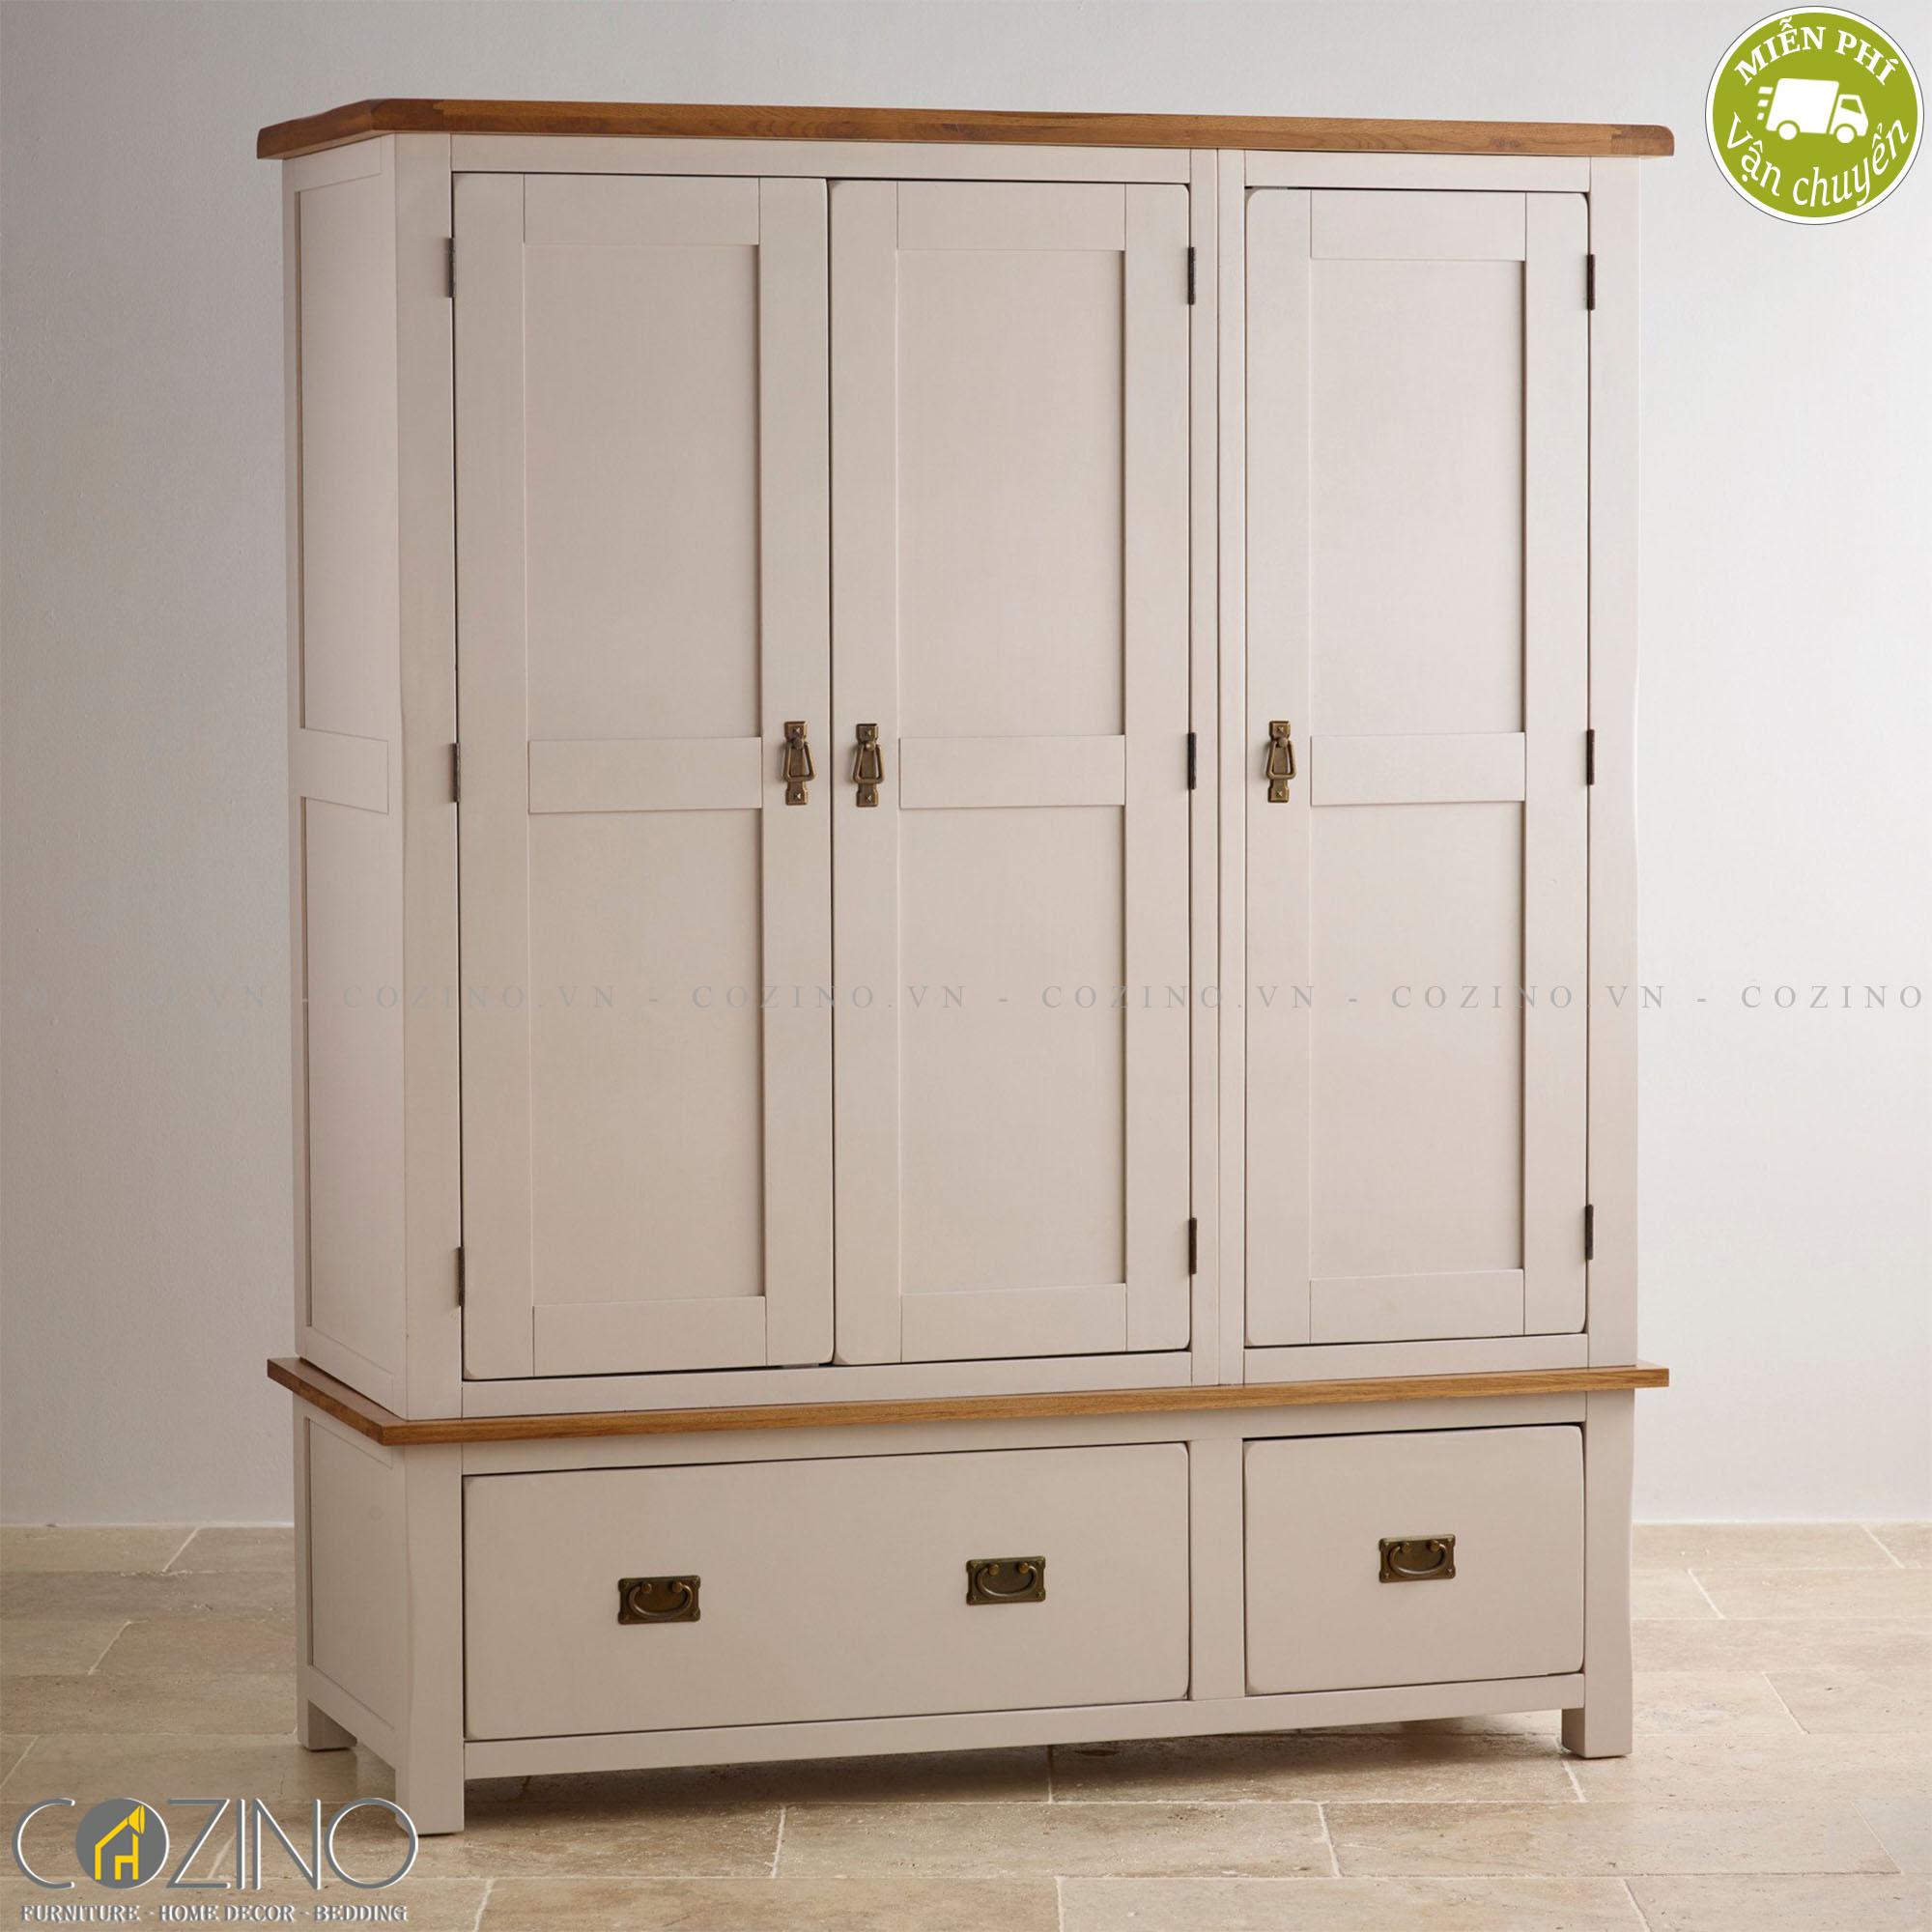 Tủ quần áo Sintra 3 cánh 2 ngăn kéo gỗ sồi 1m8